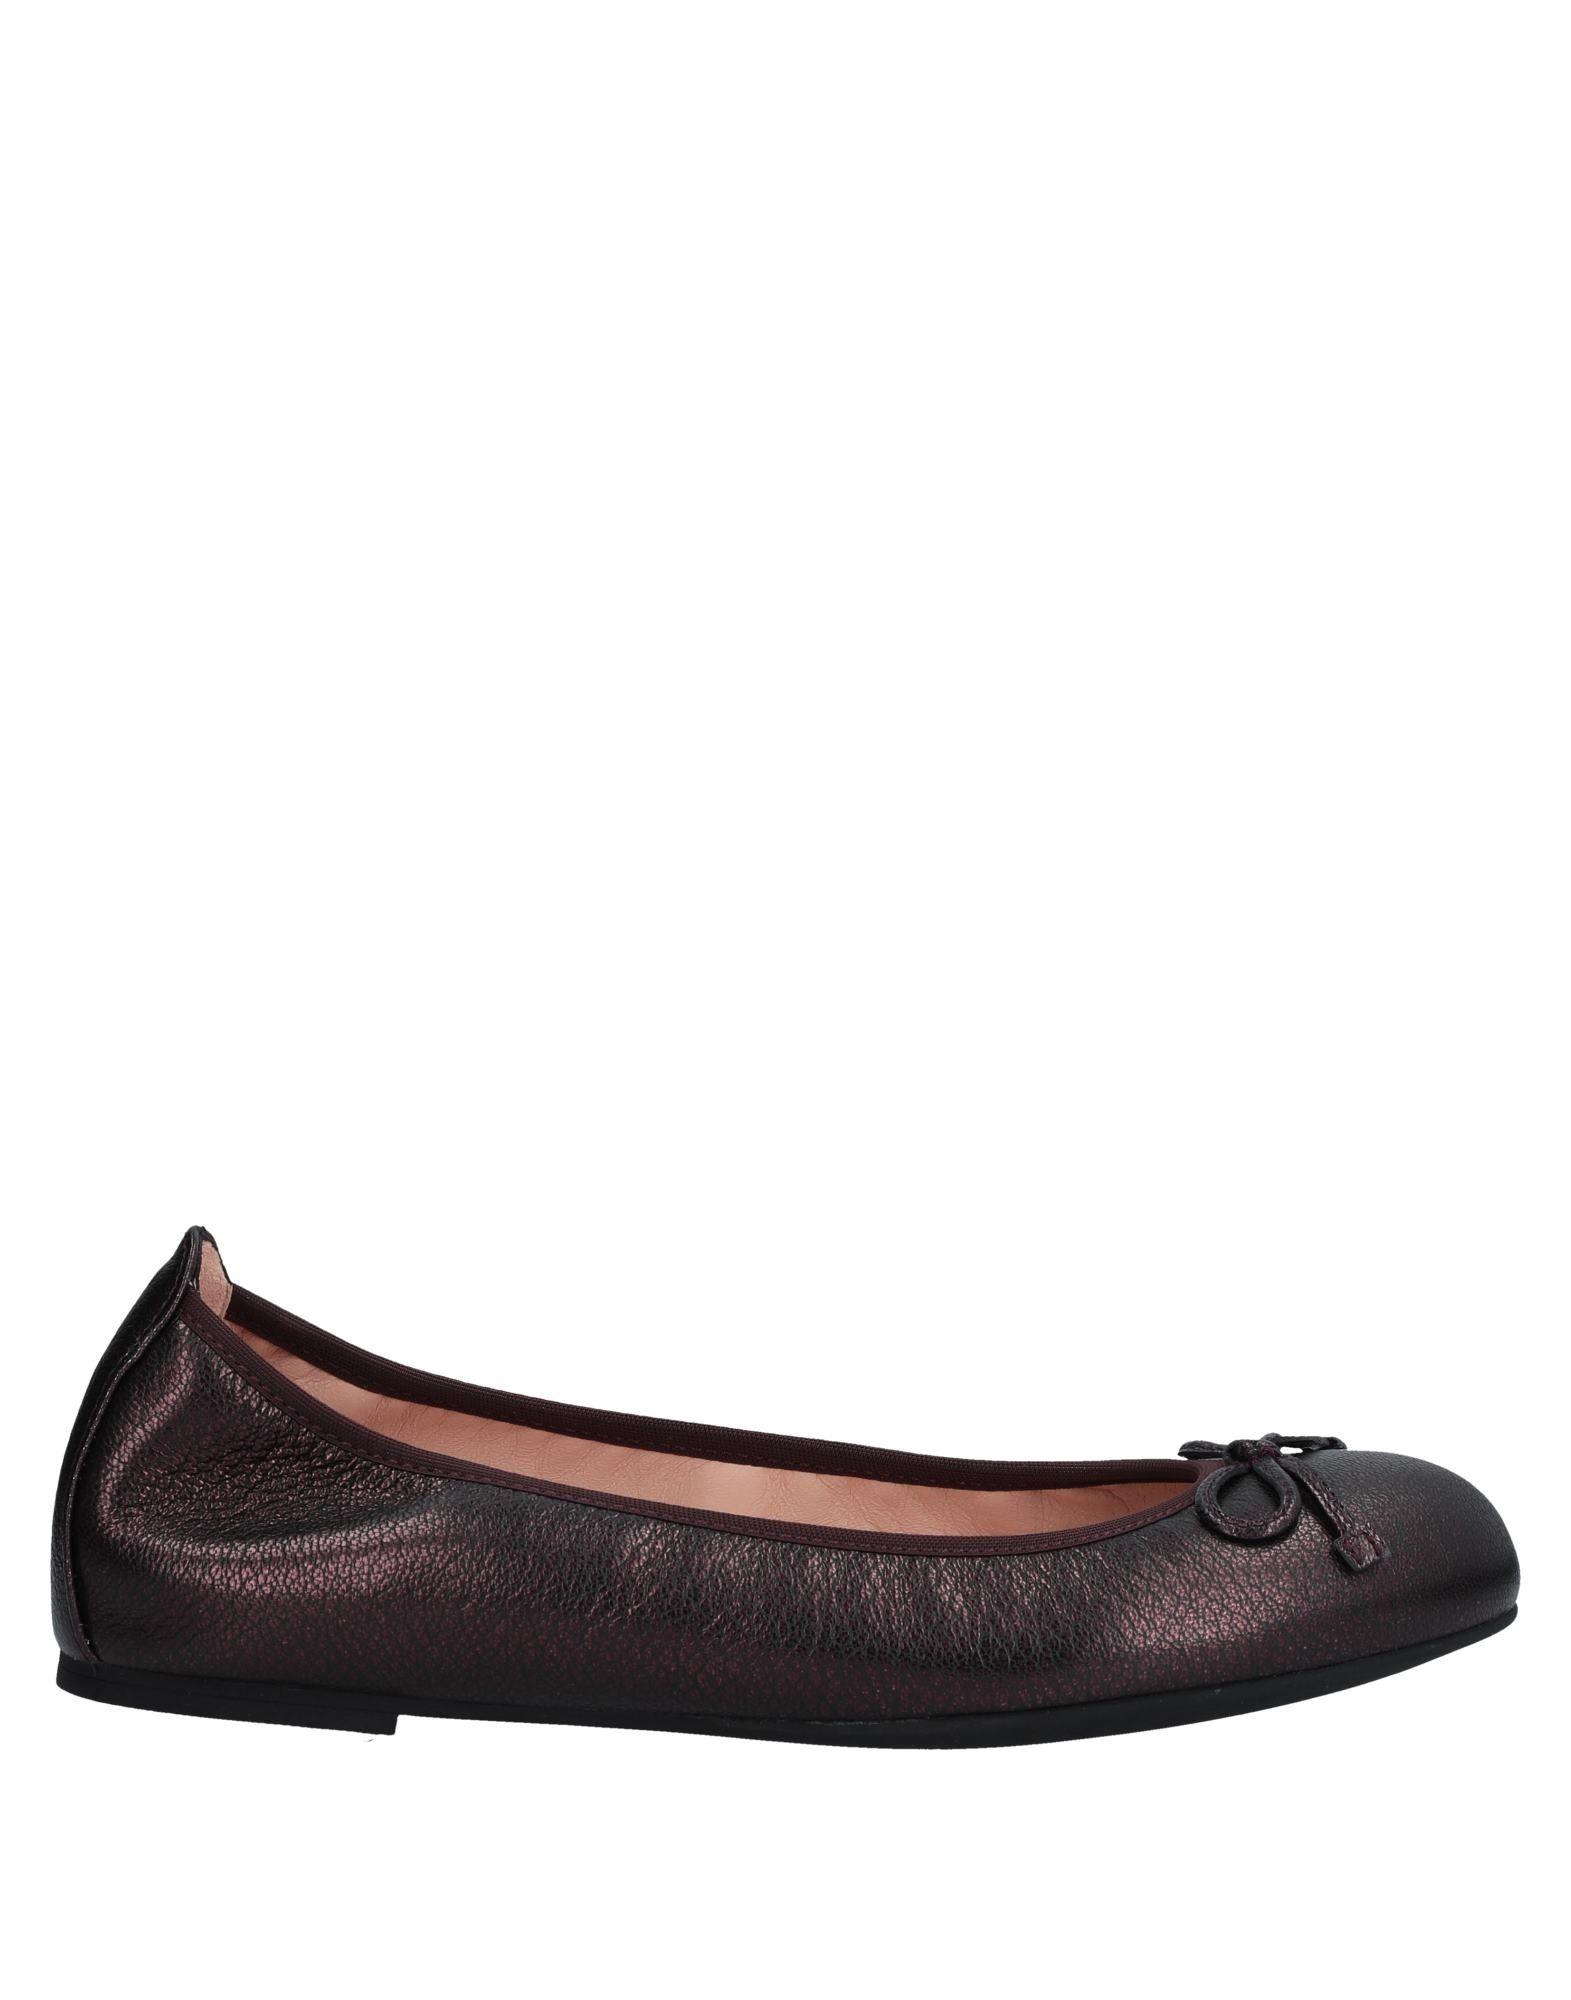 Unisa Ballerinas Damen  11438750CU Gute Qualität beliebte Schuhe Schuhe Schuhe 9a7fb4